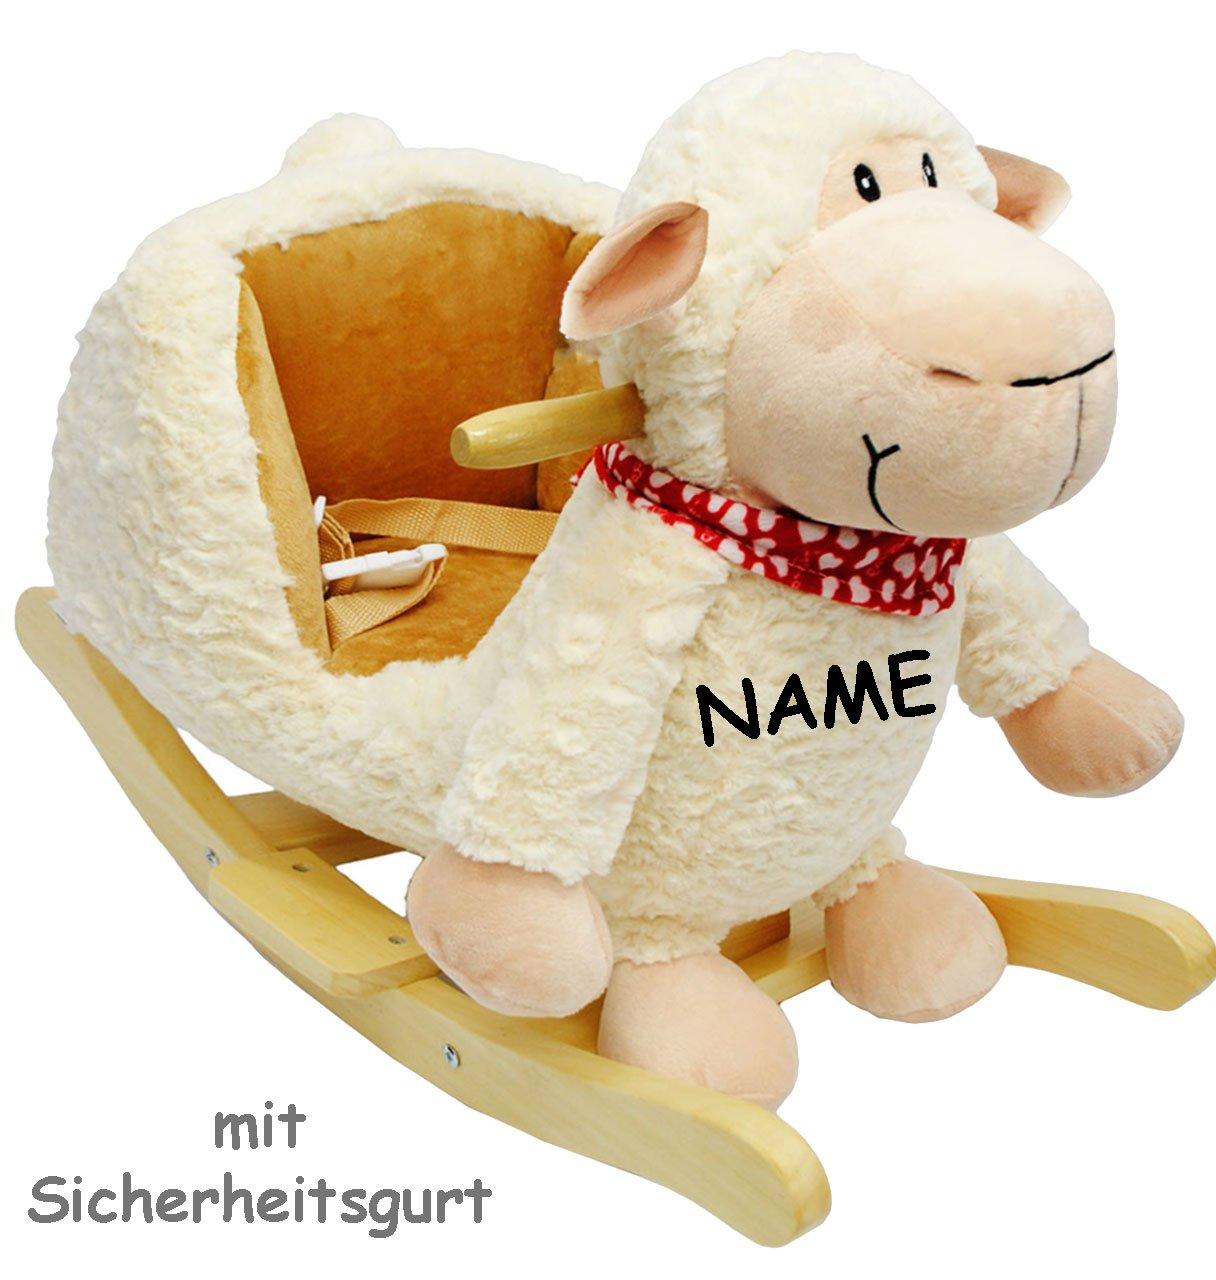 XL Plüsch und Holz Schaukelpferd -  Schäfchen  - incl. Name - mit Einstiegshilfe und Sicherheitsgurt - süßes Schaf - mit Gurt - Schaukelschaf - Schaukeltier mit Plüschbezug & Holz Gestell / für Babys - Kind Schaukel Plüschschaukel für Kinder Mädchen Jungen - Plüsch - Tierschaukel / Haustier - Lamm - Baby - Kippschutz - Schaukelspielzeug - Wippe / Schaukelwippe